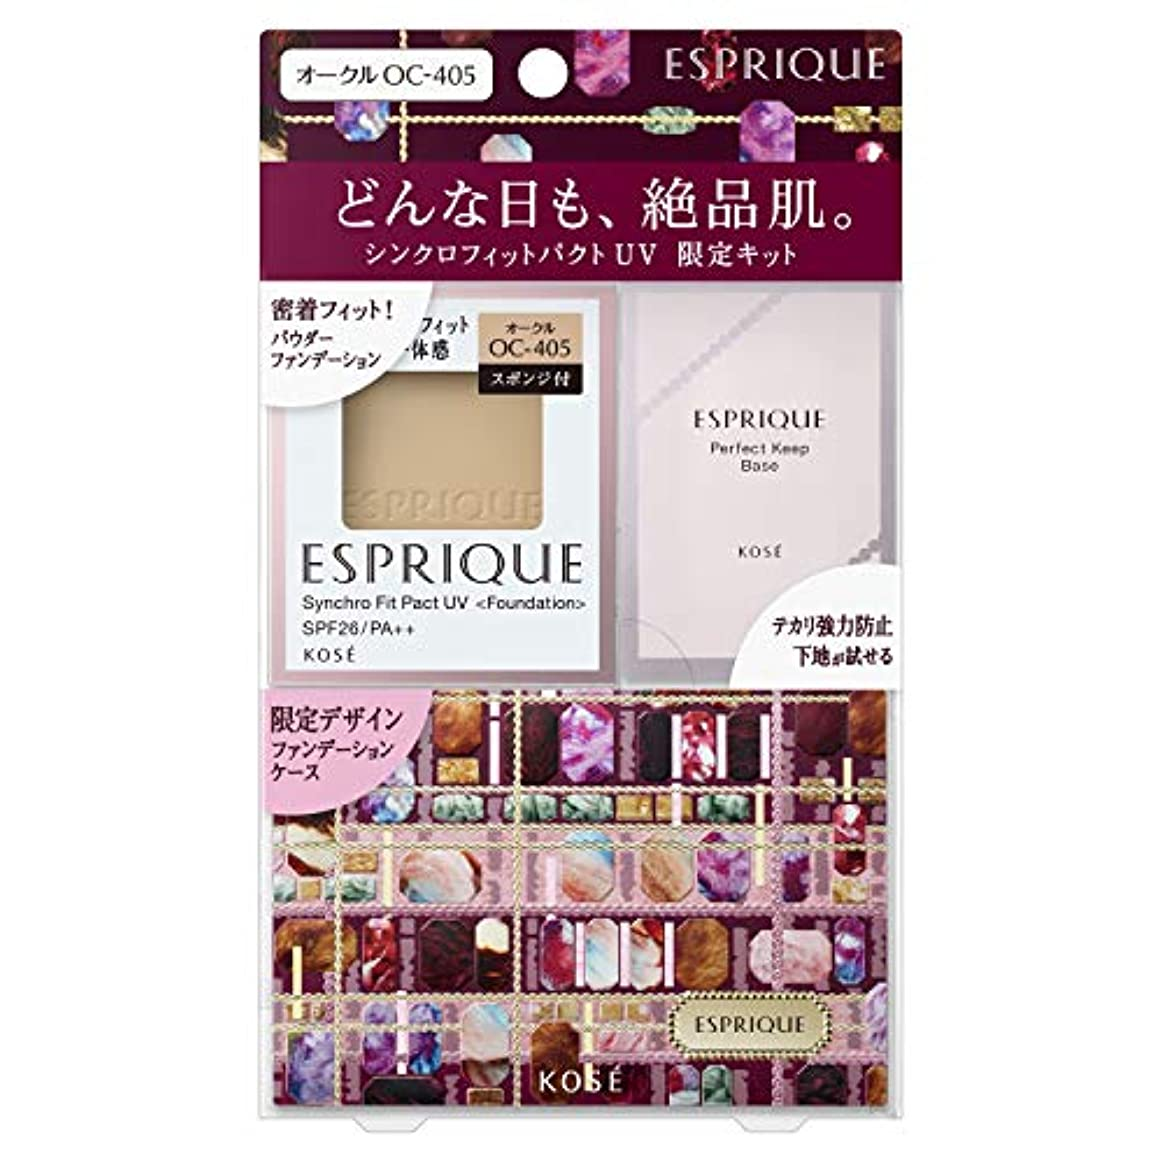 エスプリーク シンクロフィット パクト UV 限定キット 2 OC-405 オークル